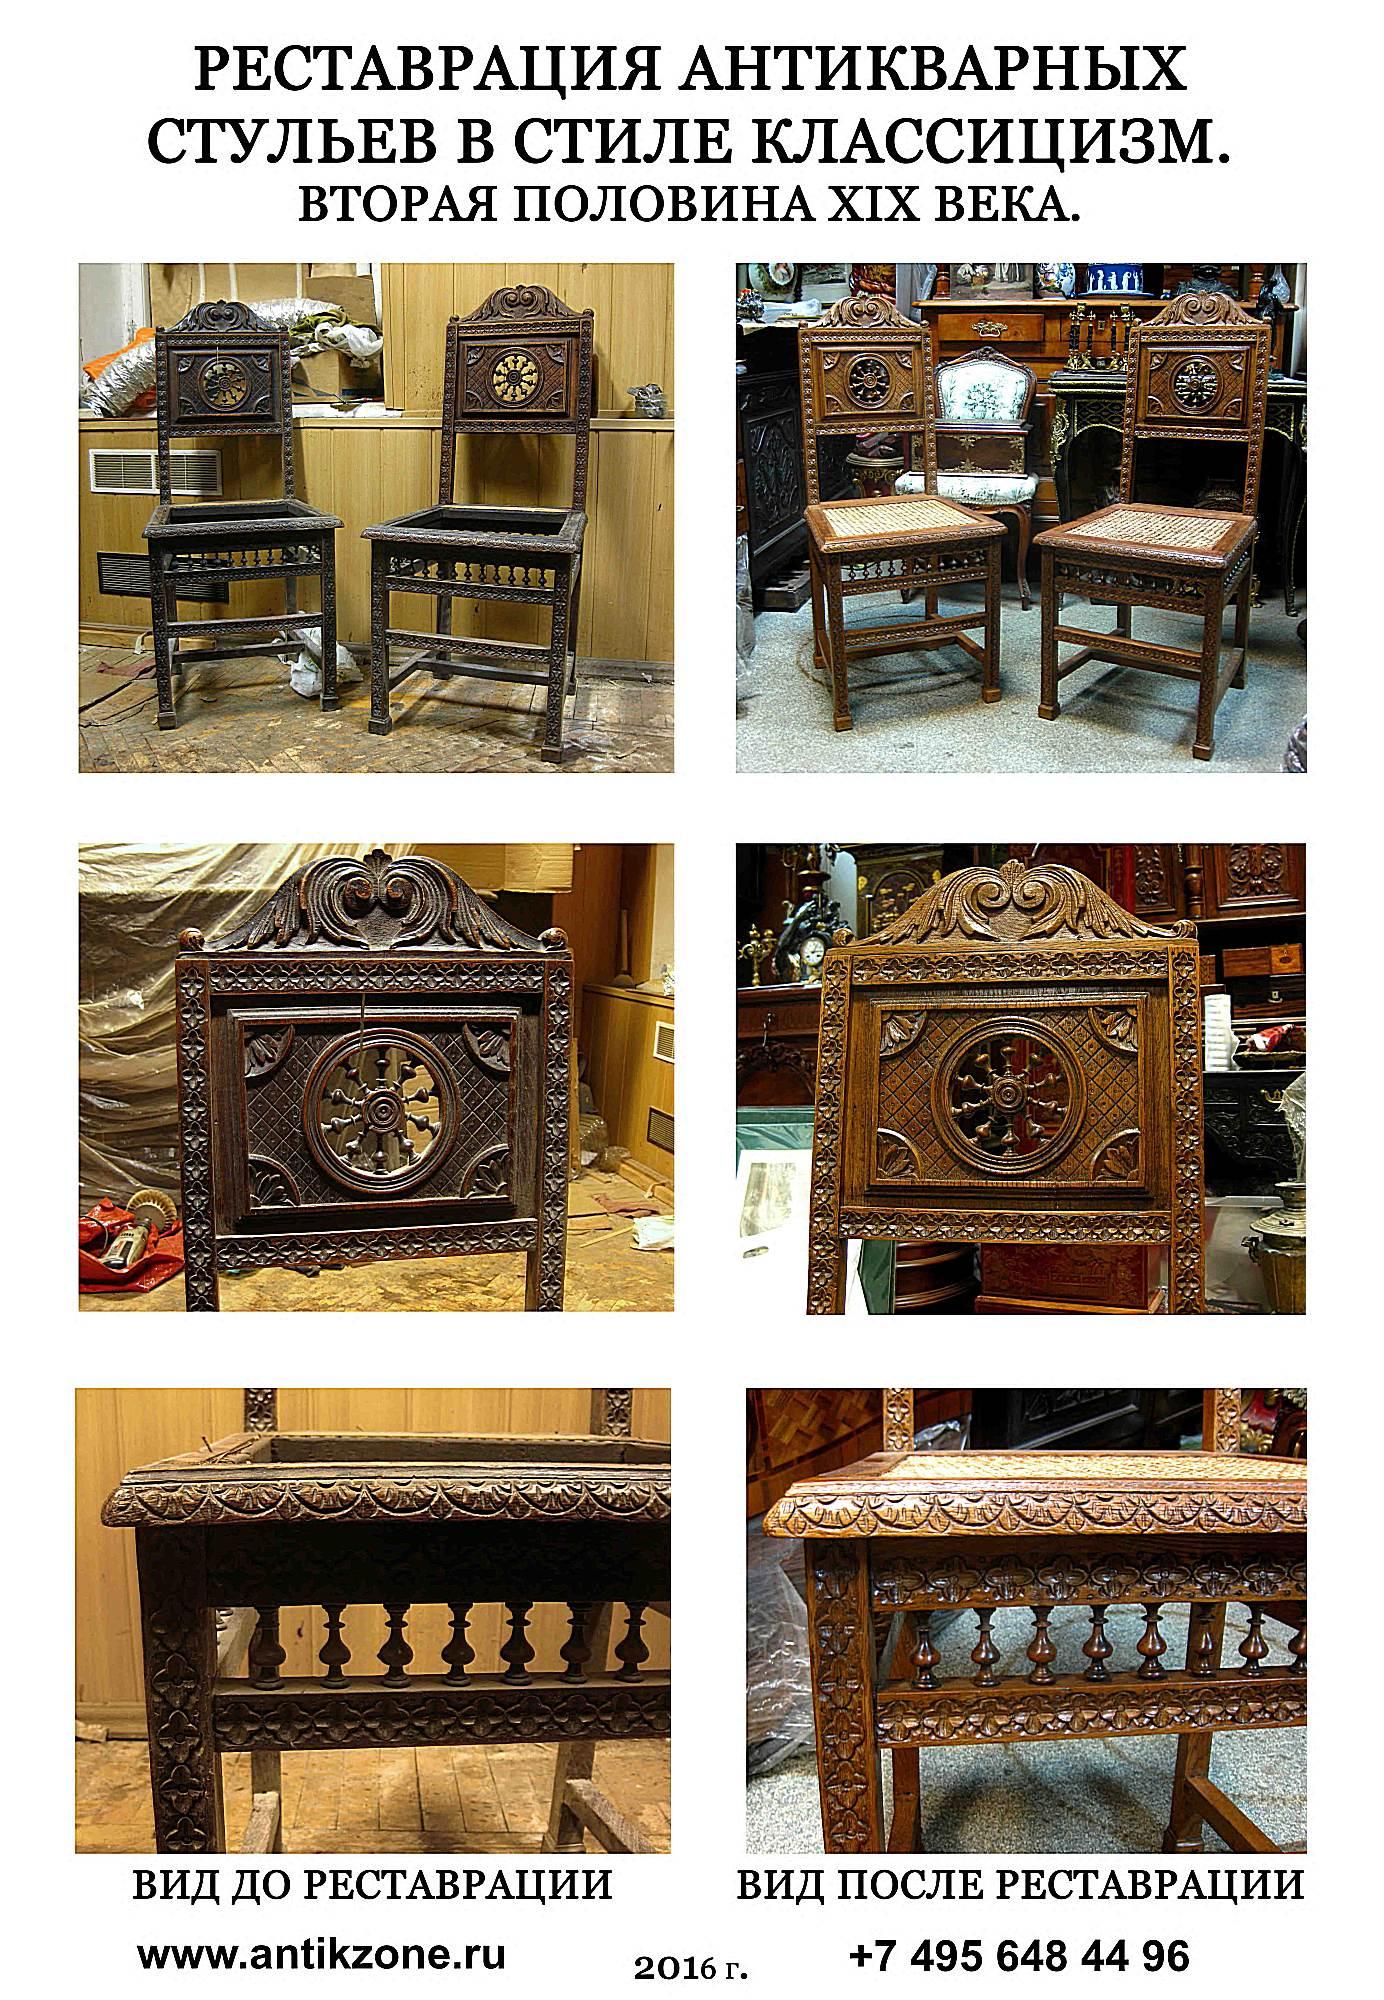 Реставрация антикварных стульев в Москве